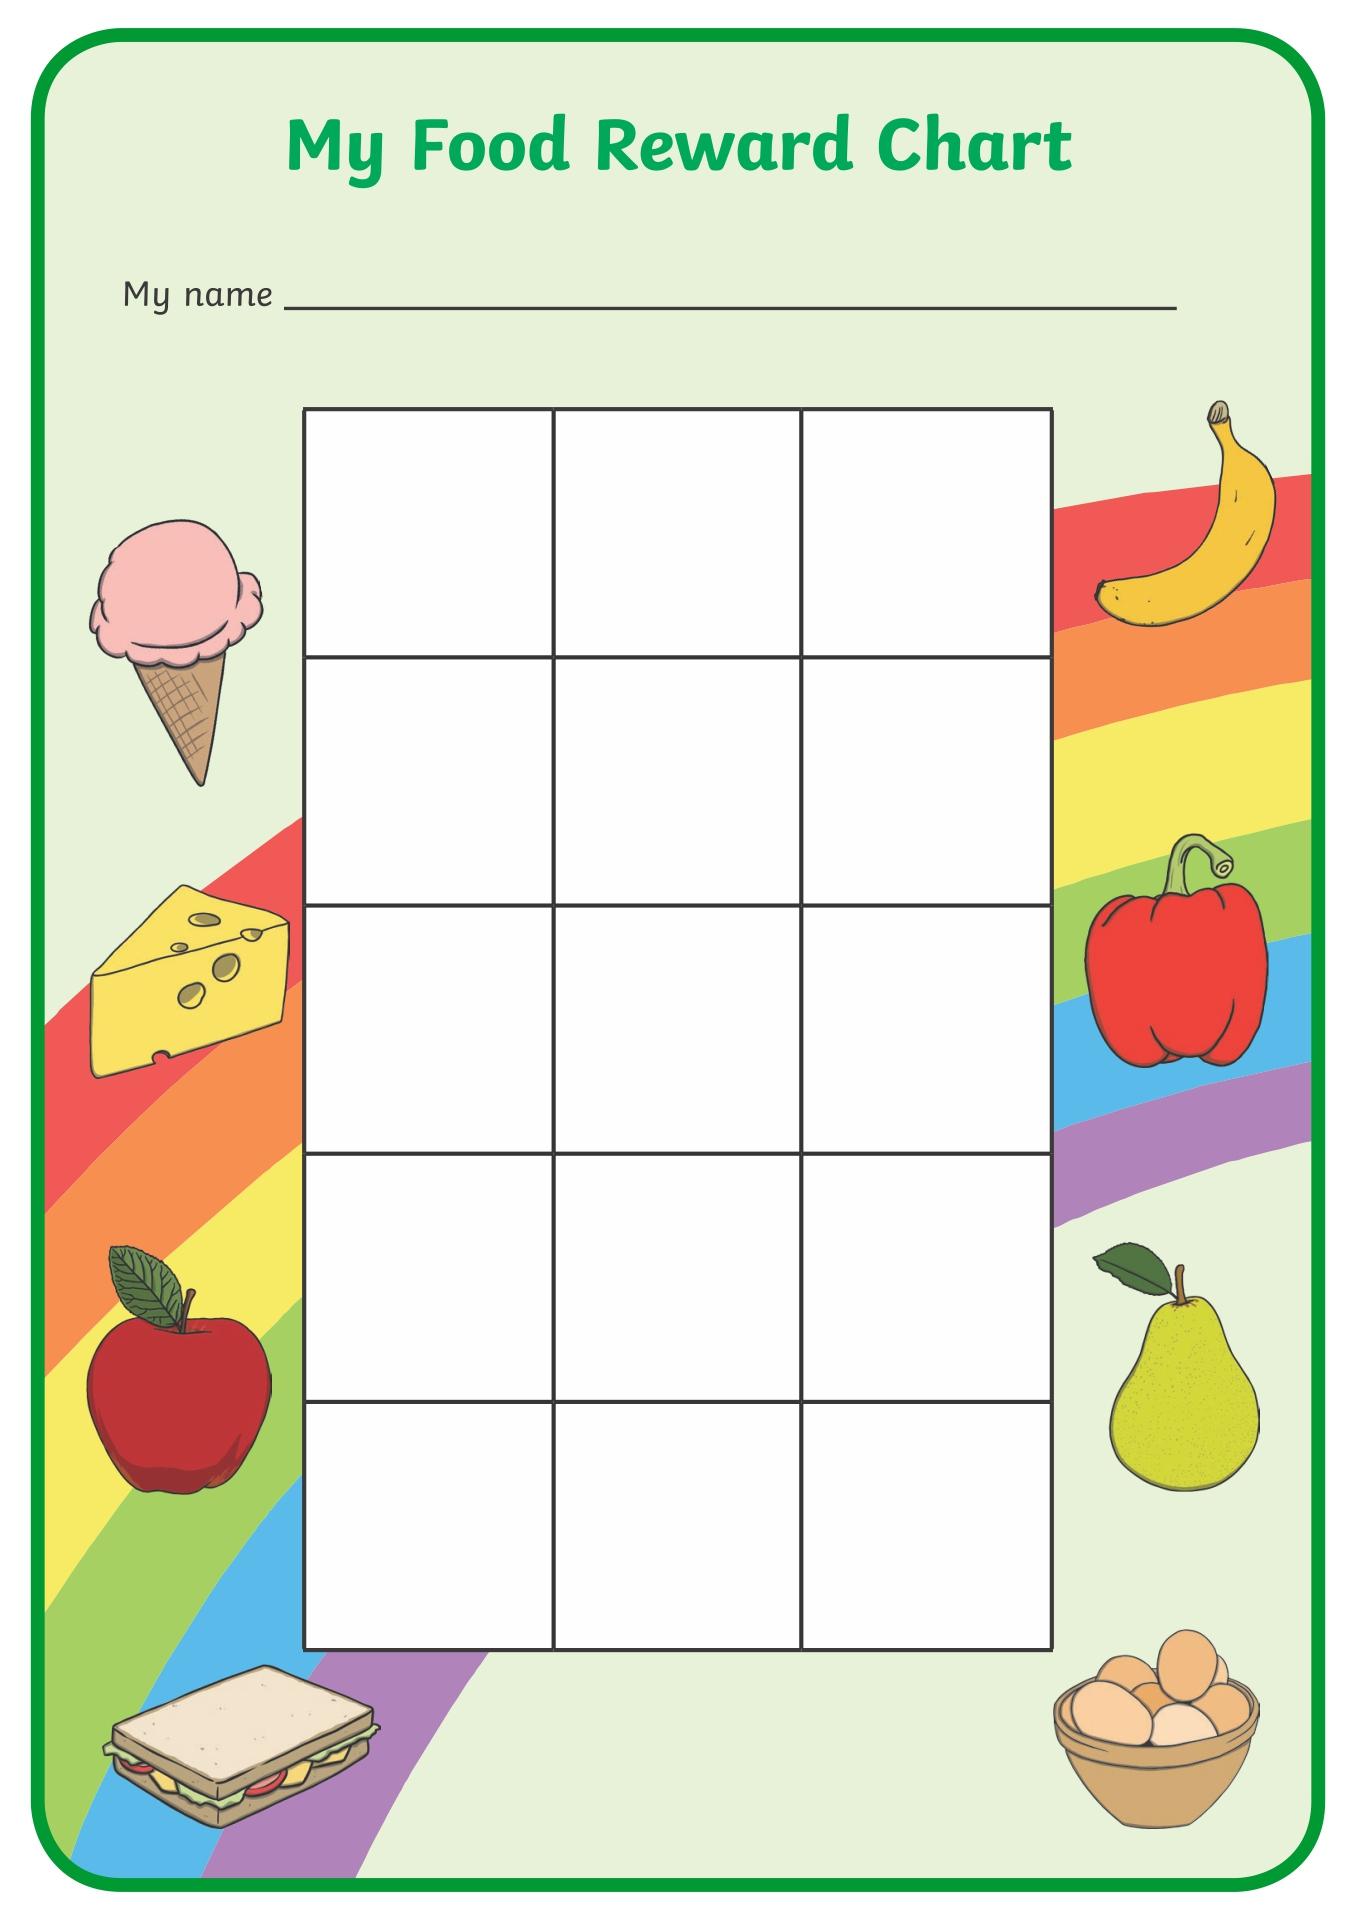 Food Reward Chart